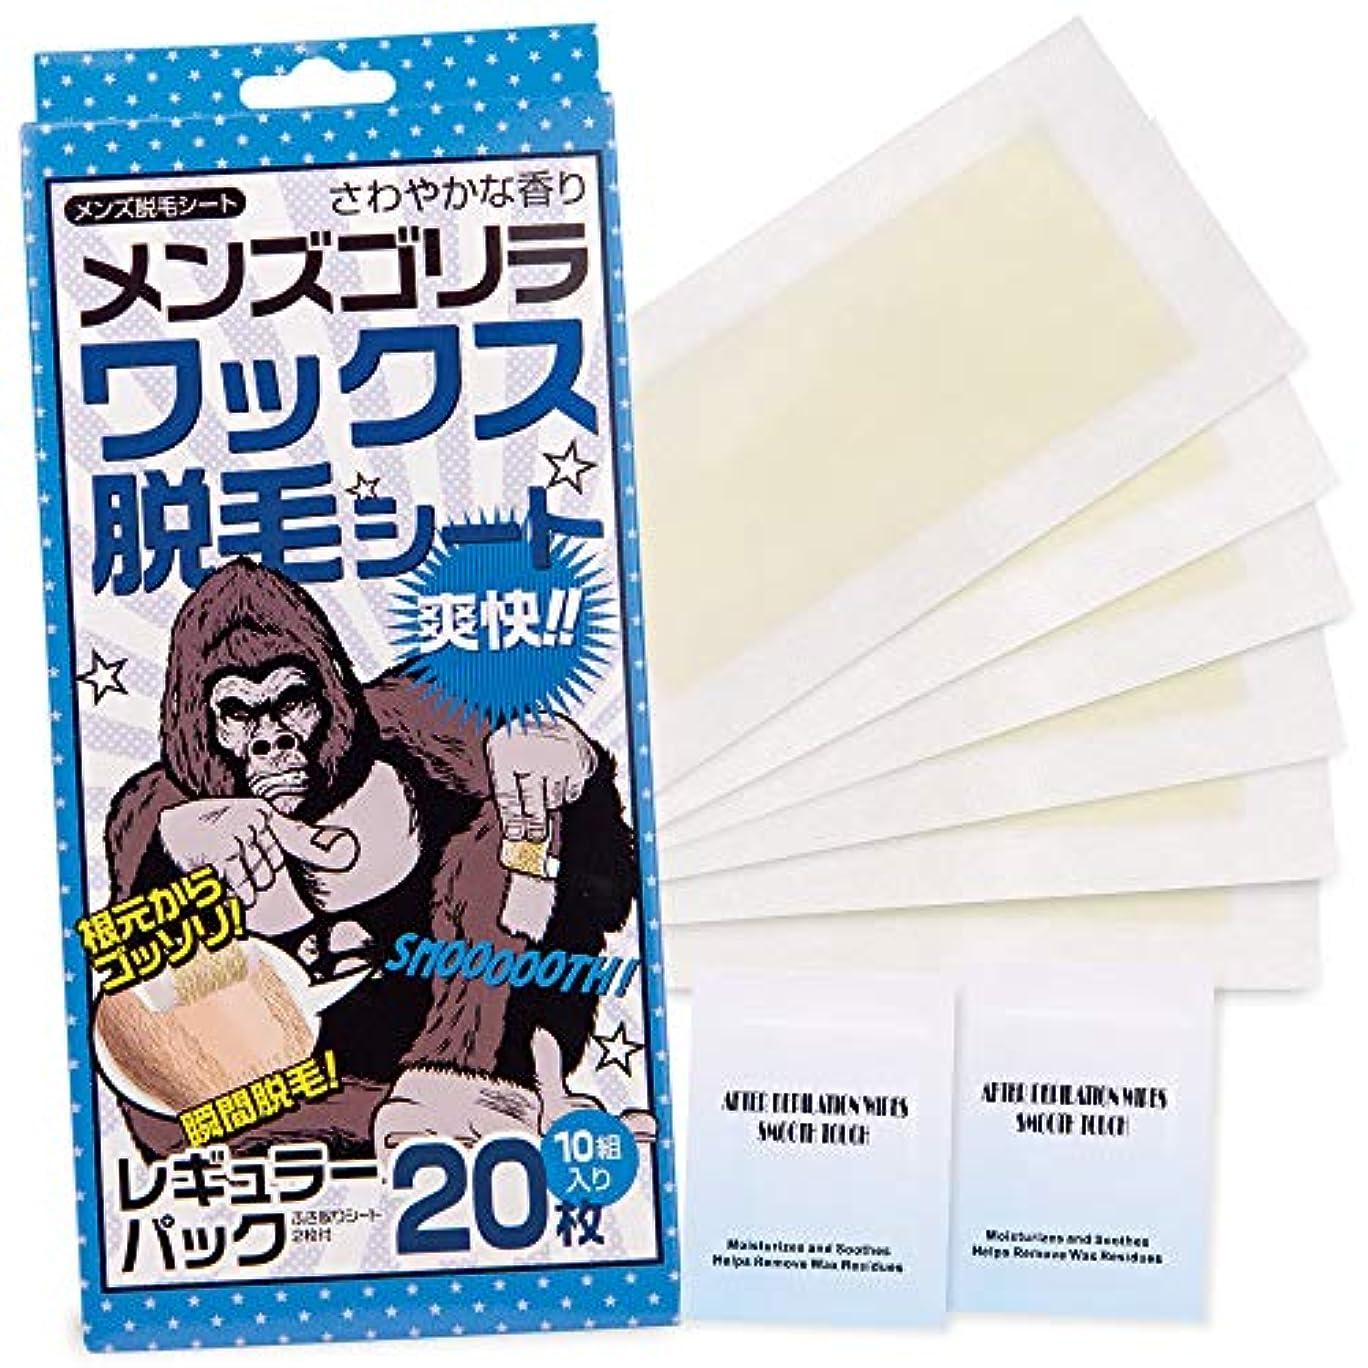 ブラウザ適応的刺激するメンズ脱毛シート「ゴリラ」 レギュラーパック10組20枚入り